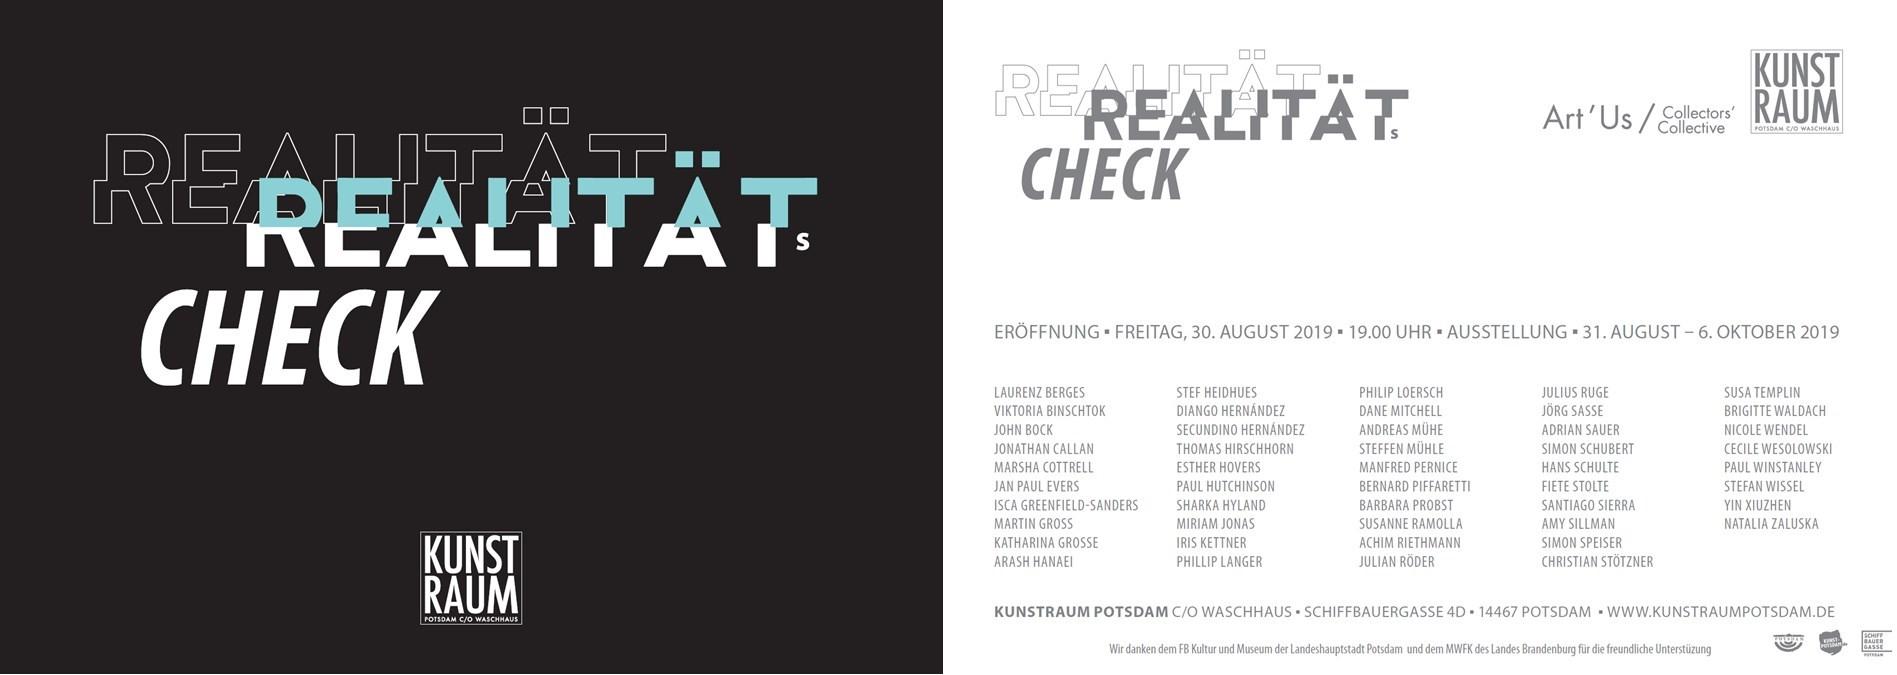 RealitätsCheck - Flyer final.jpg